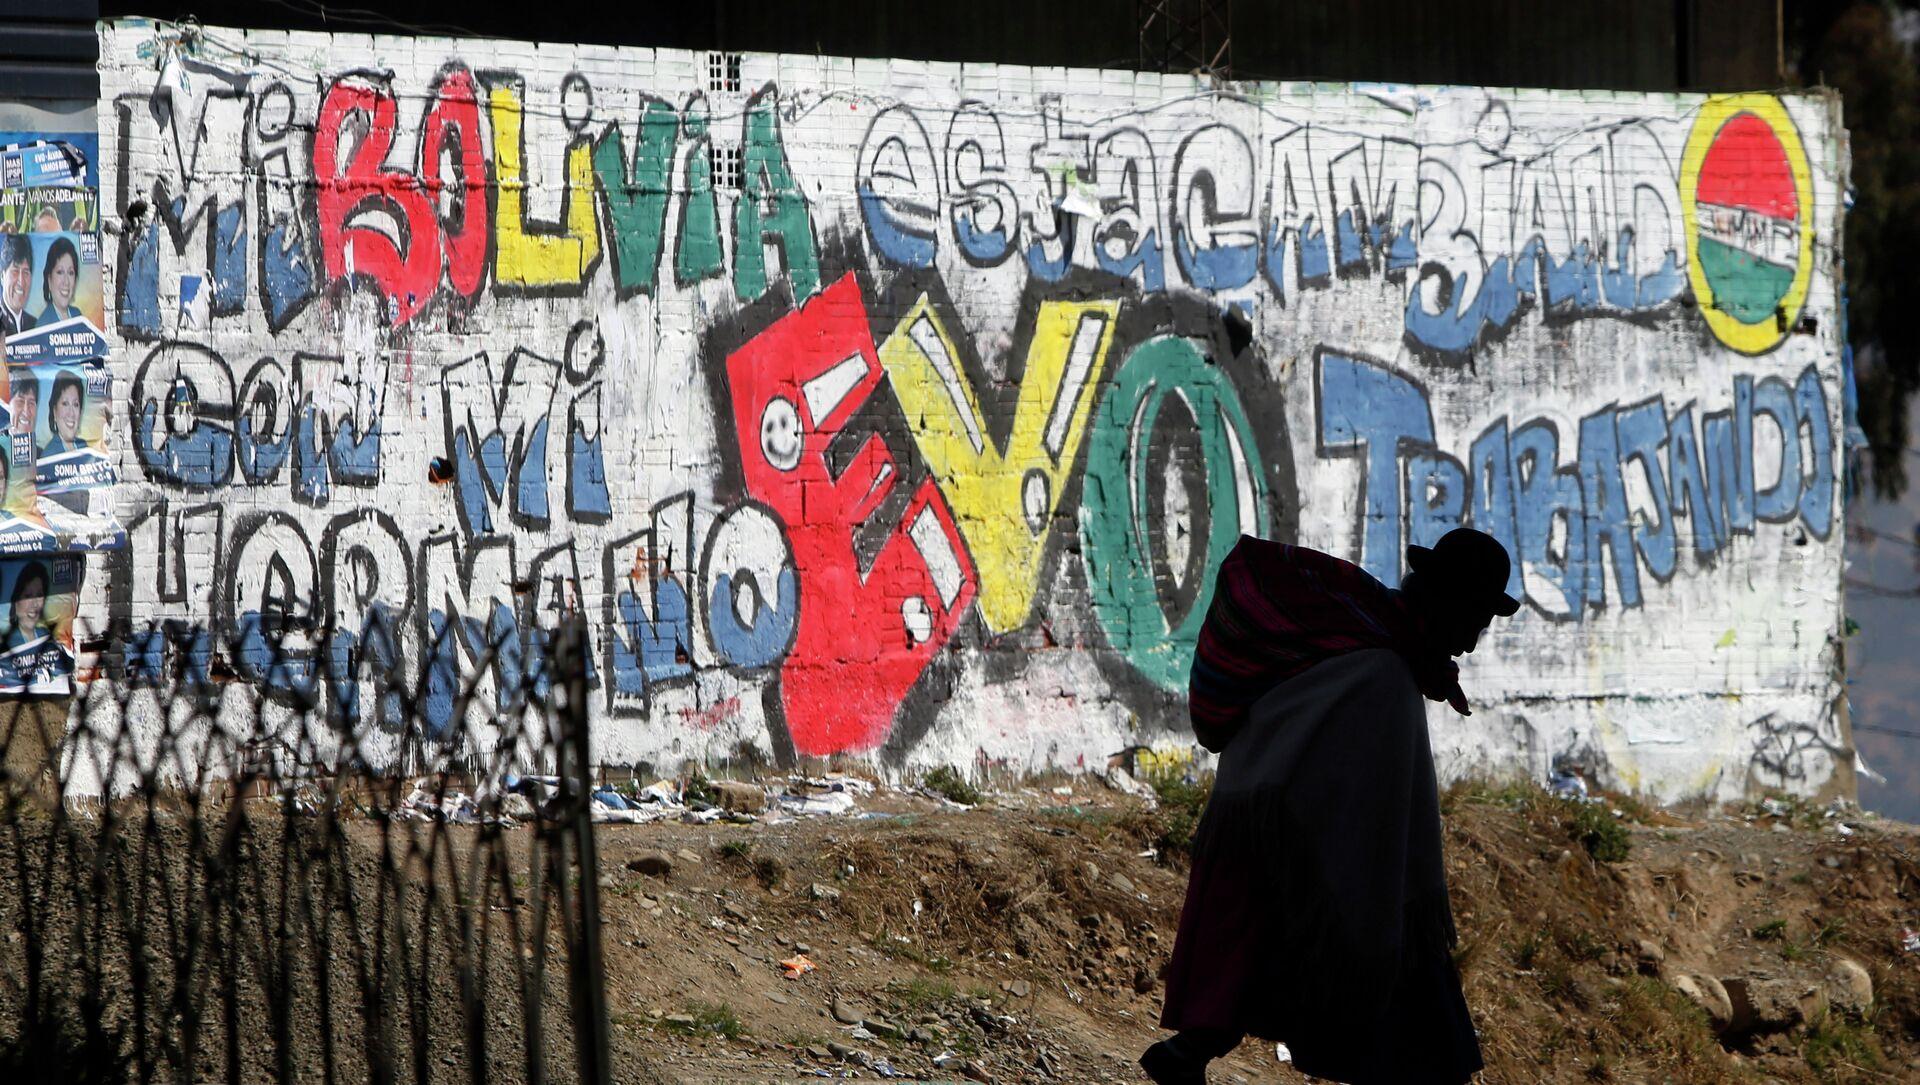 Eslogan en apoyo del presidente Evo Morales pintado en una pared en La Paz, Bolivia, 2014 - Sputnik Mundo, 1920, 08.10.2019